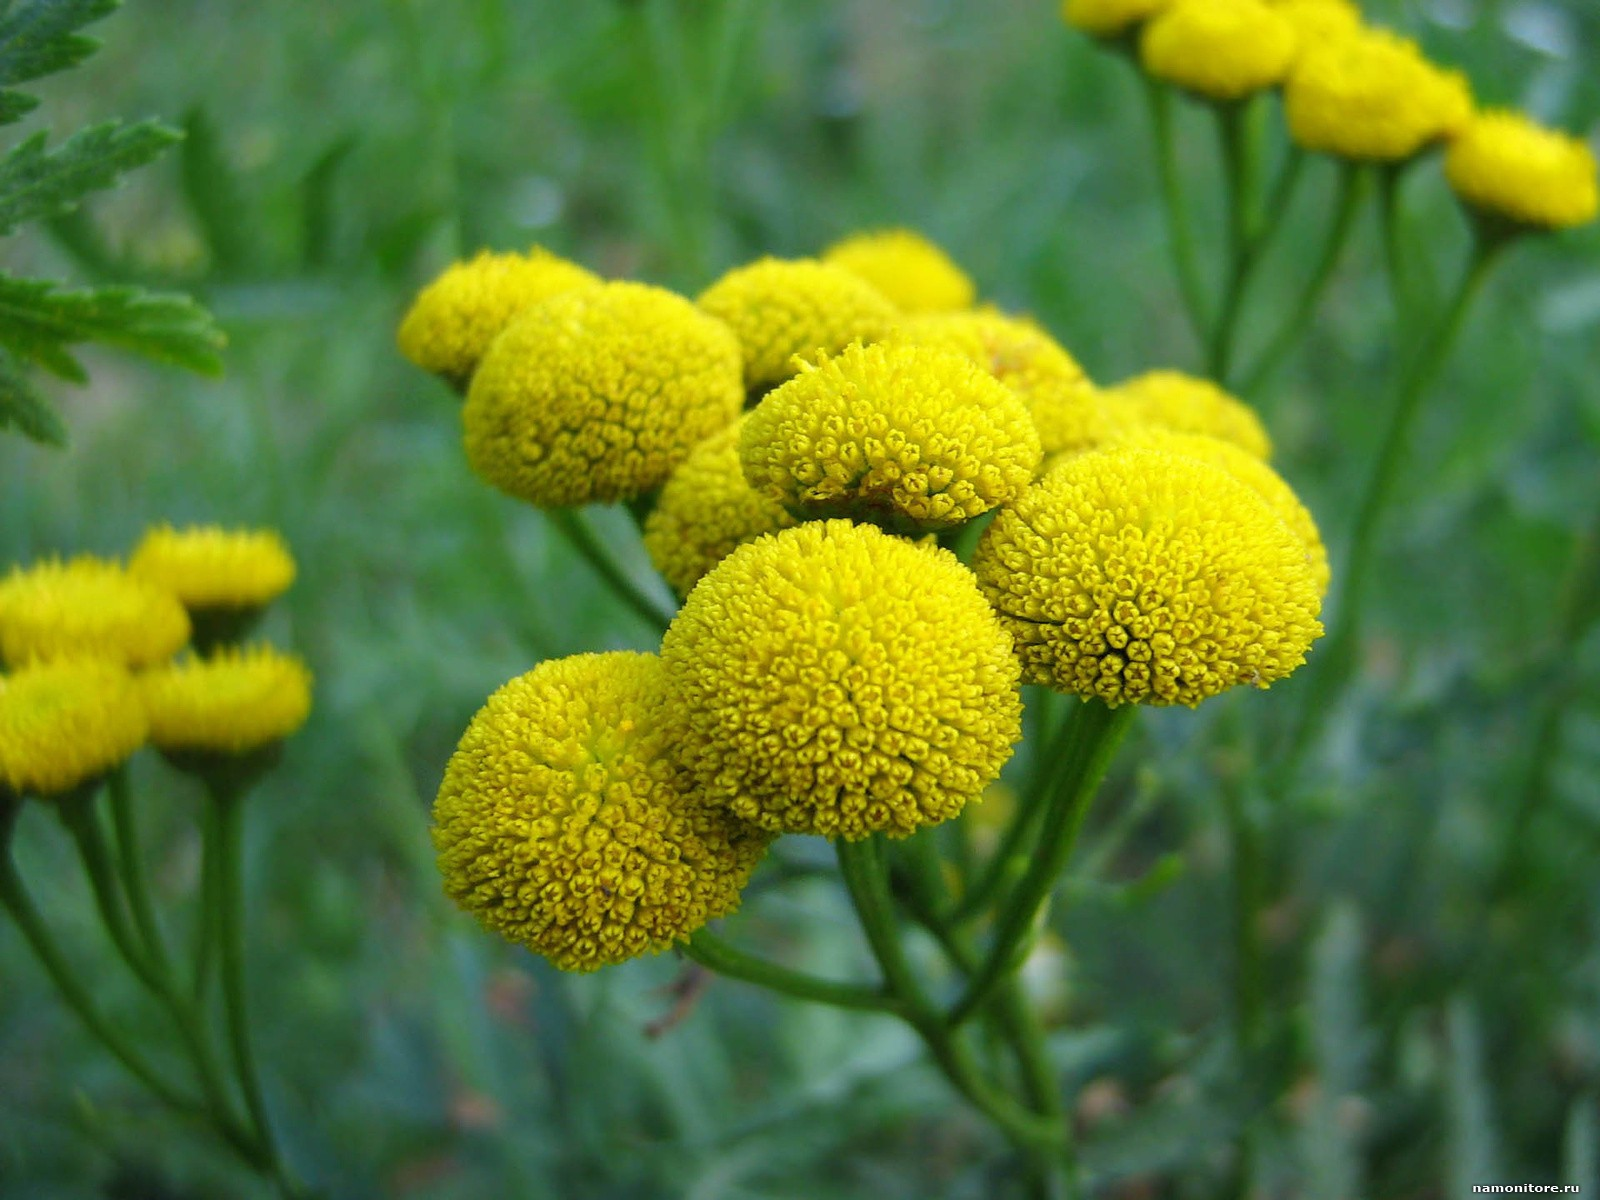 Лечебная трава с желтыми цветами фото названия